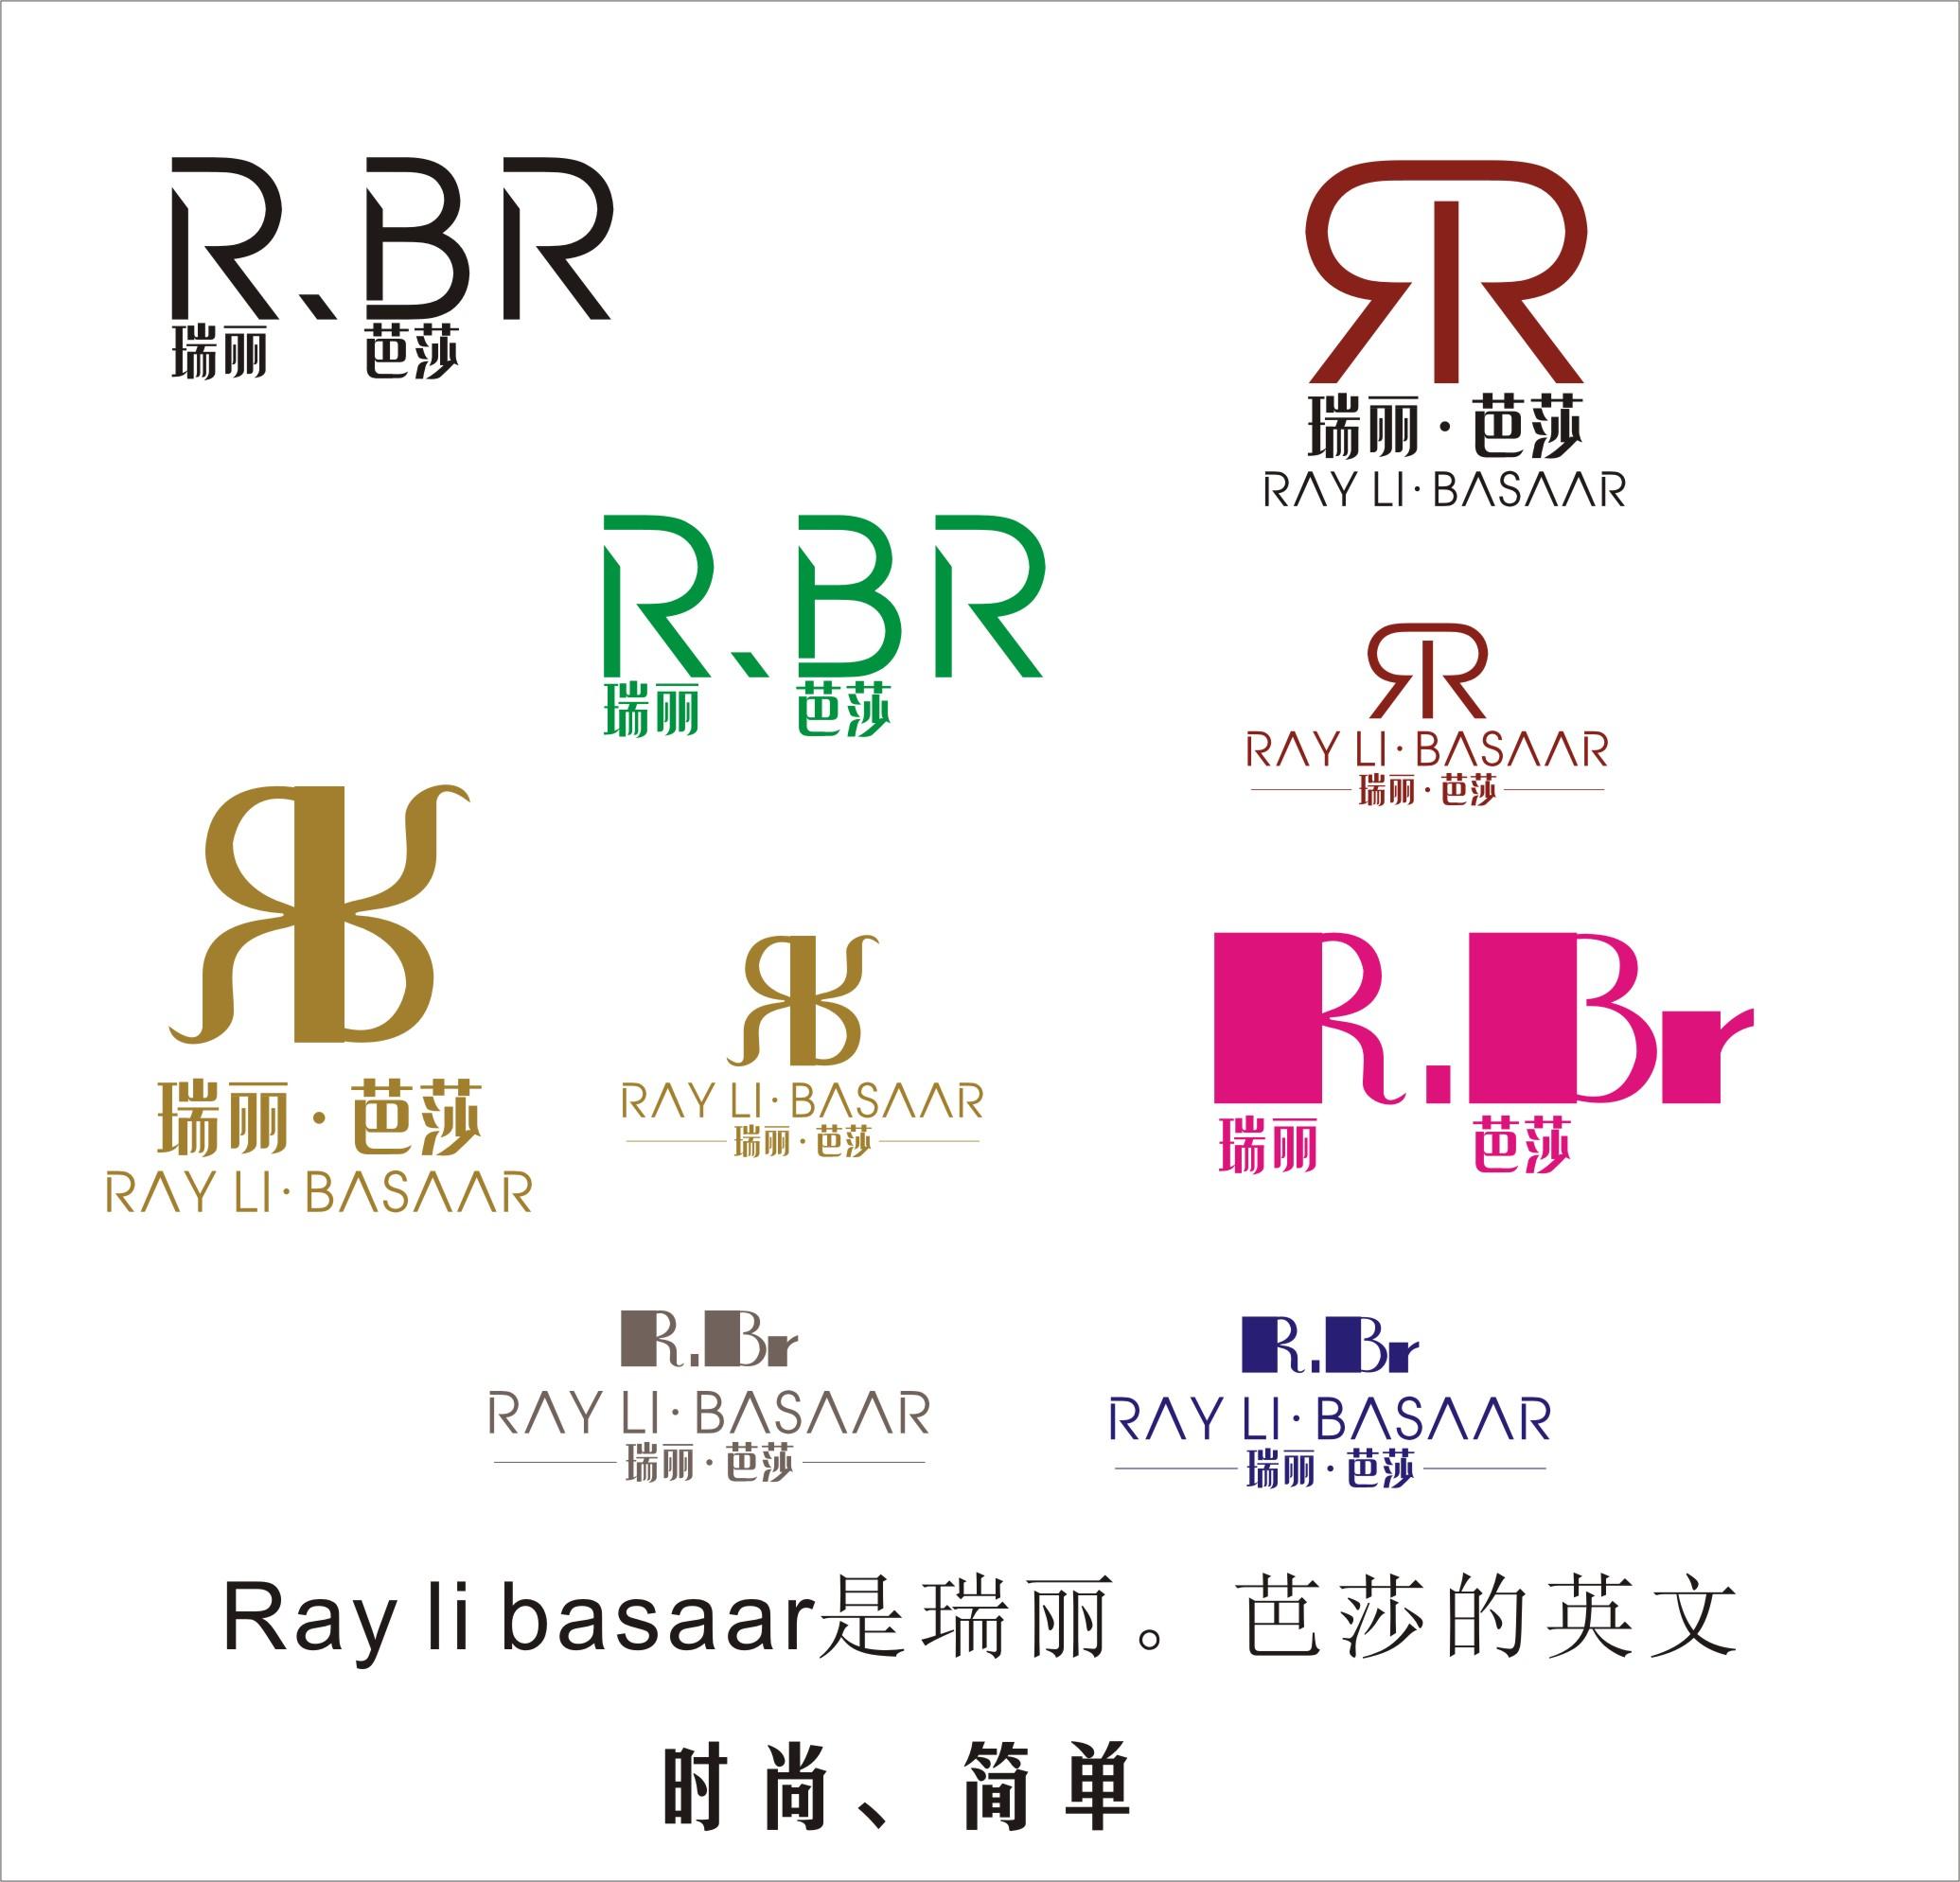 代某时尚包包品牌征集logo_968元_k68威客